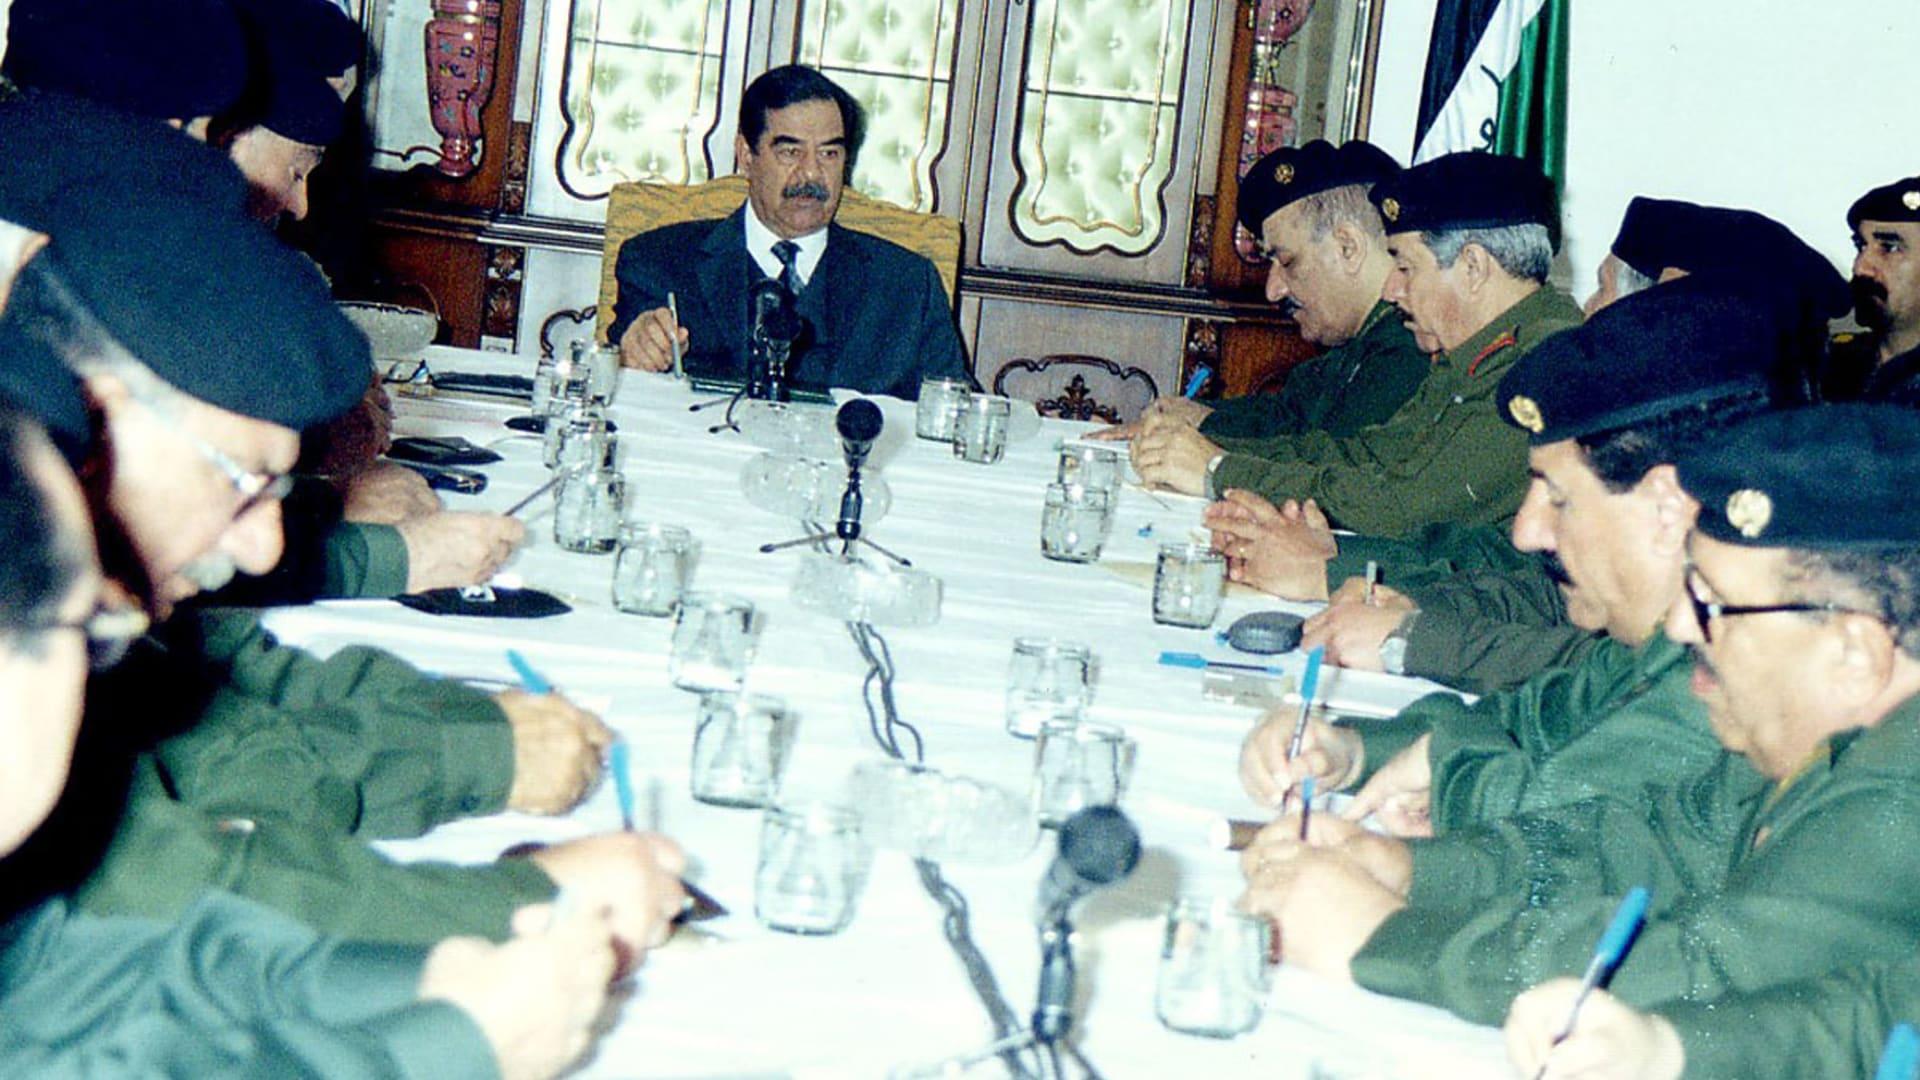 صورة أرشيفية لصدام حسين باجتماع مع عدد من قادته العسكريين العام 2003